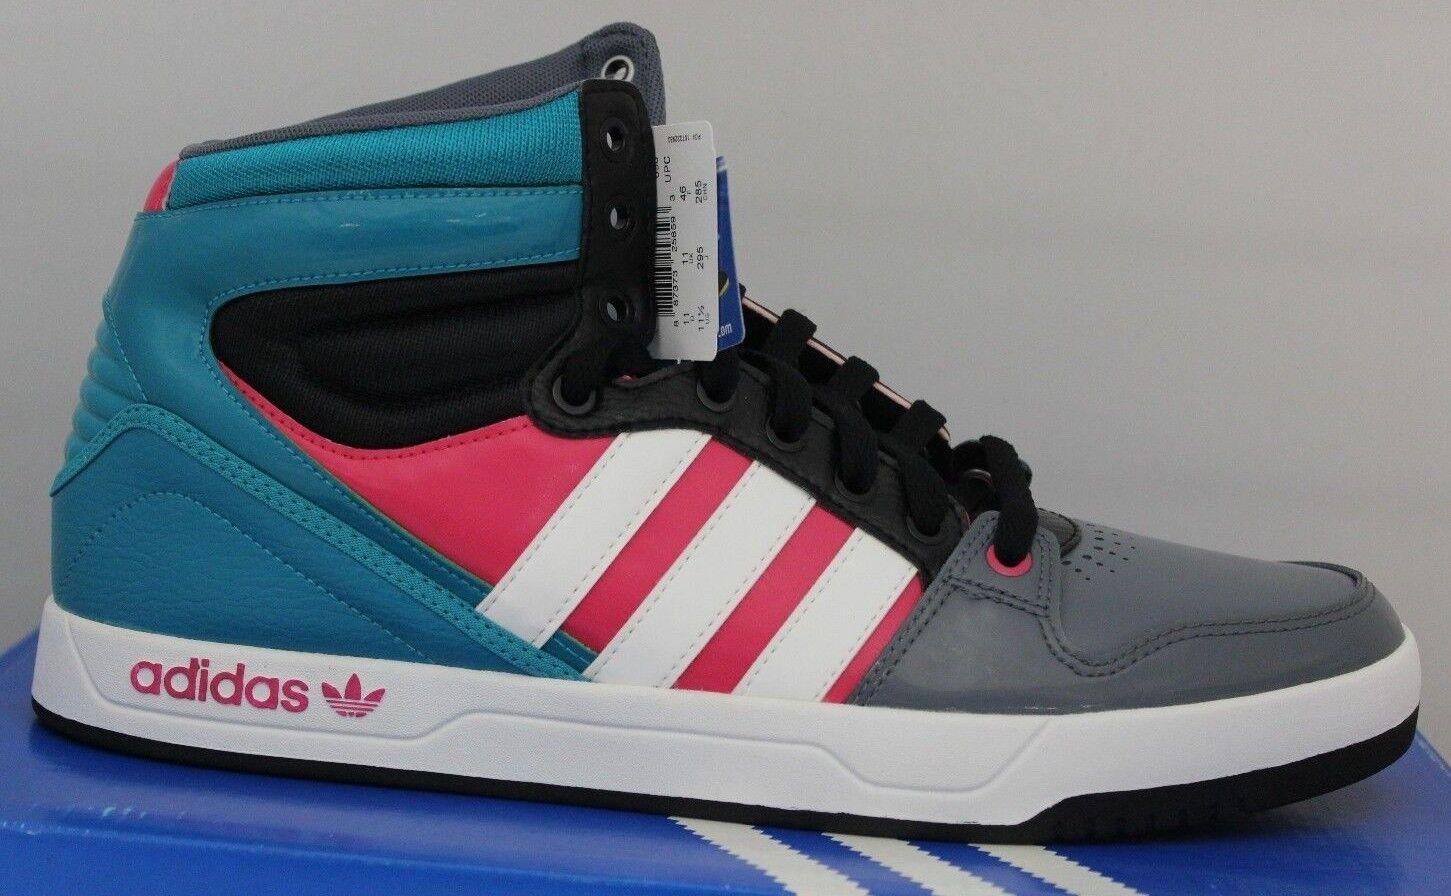 Herren Adidas Hof Haltung Original Basketballschuhe Aquamarin  Schwarz  Rosa